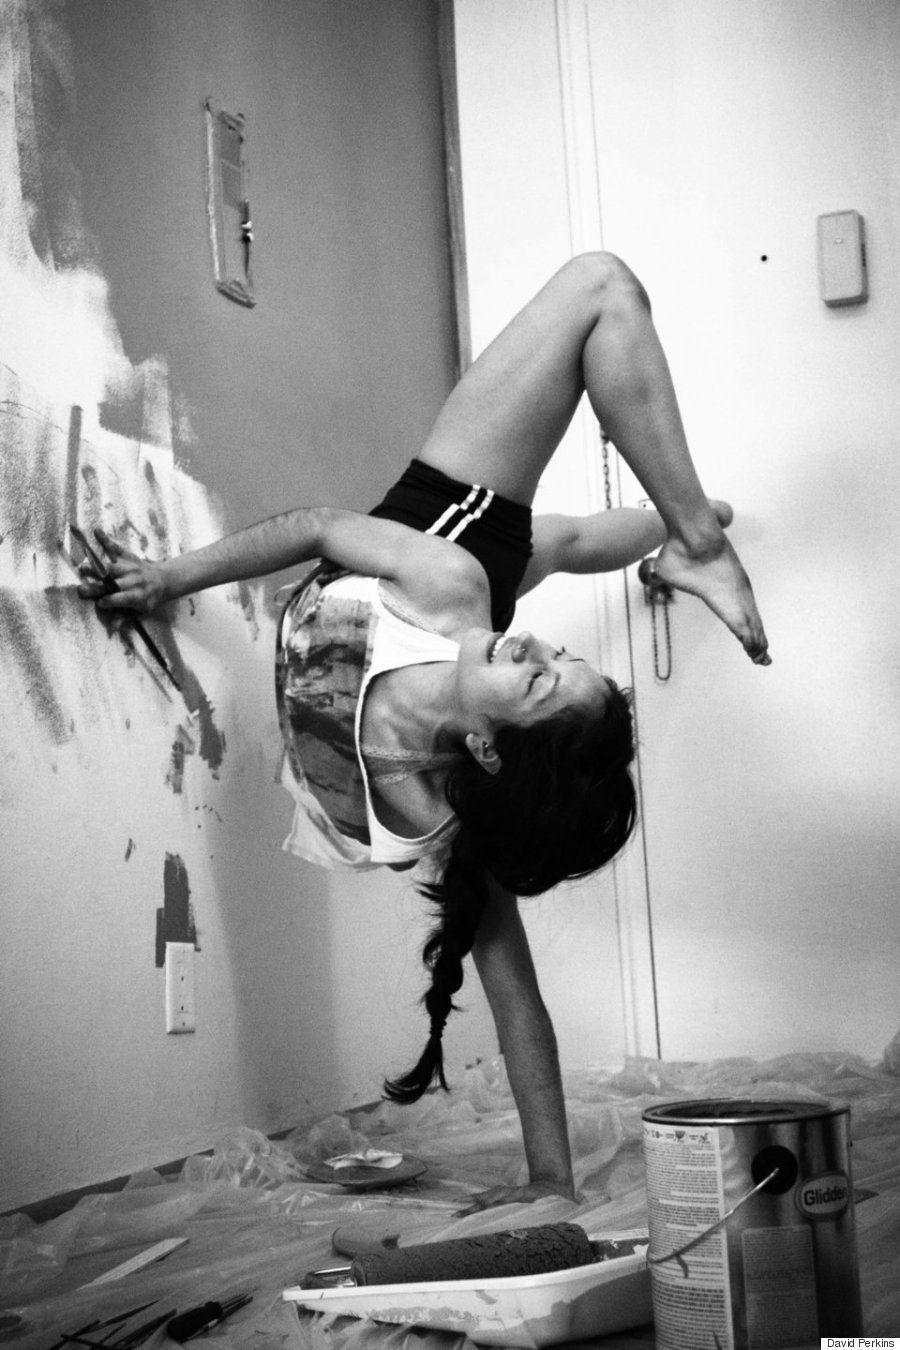 Estes bailarinos transformam a própria casa em palco para ensaio INCRÍVEL